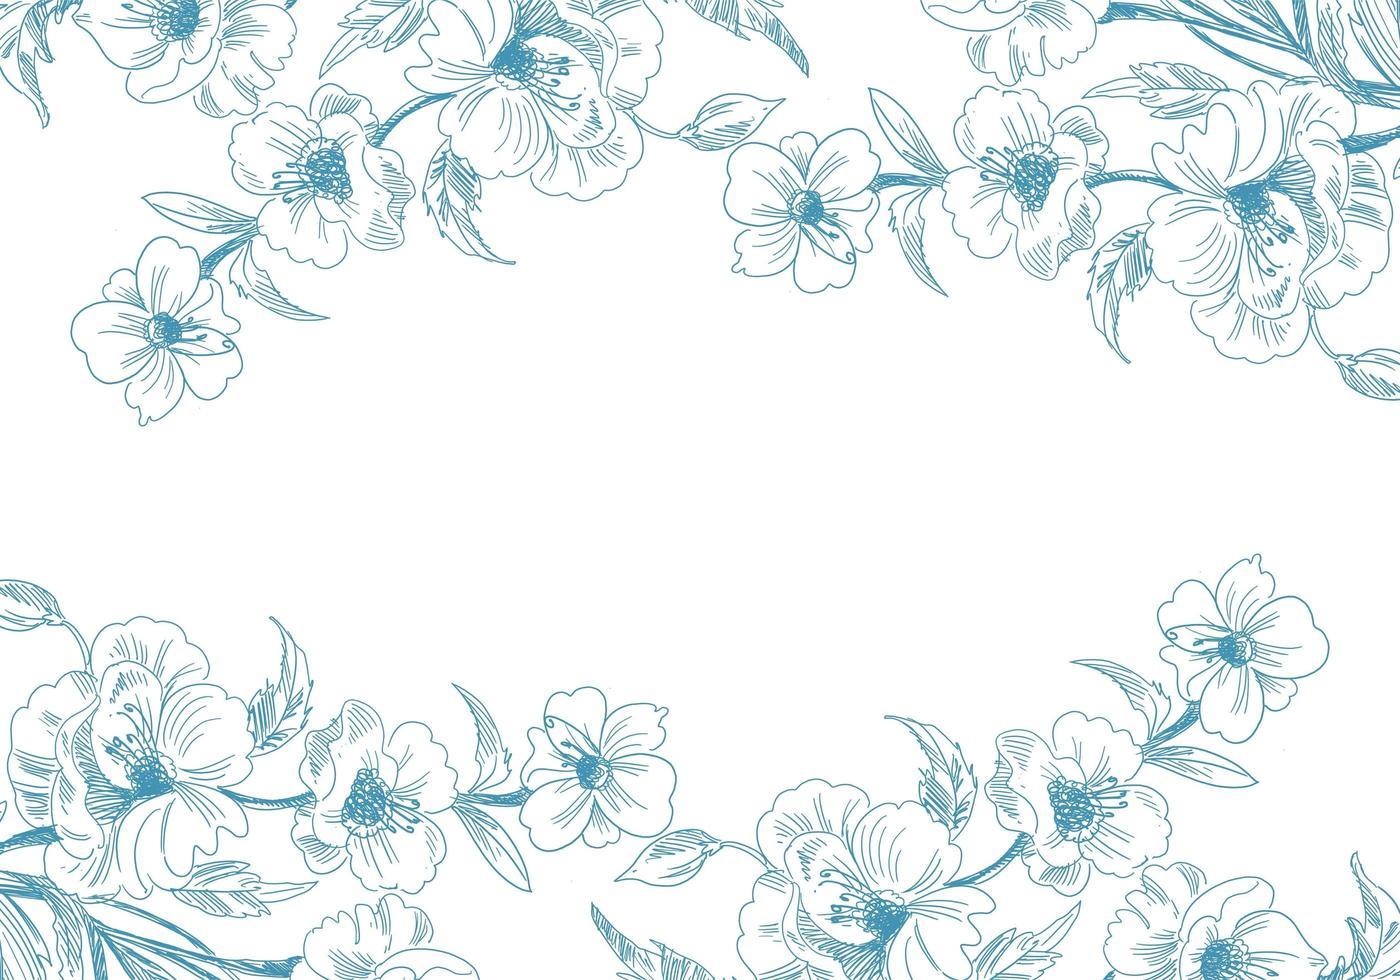 blaue Skizze Blumenränder vektor